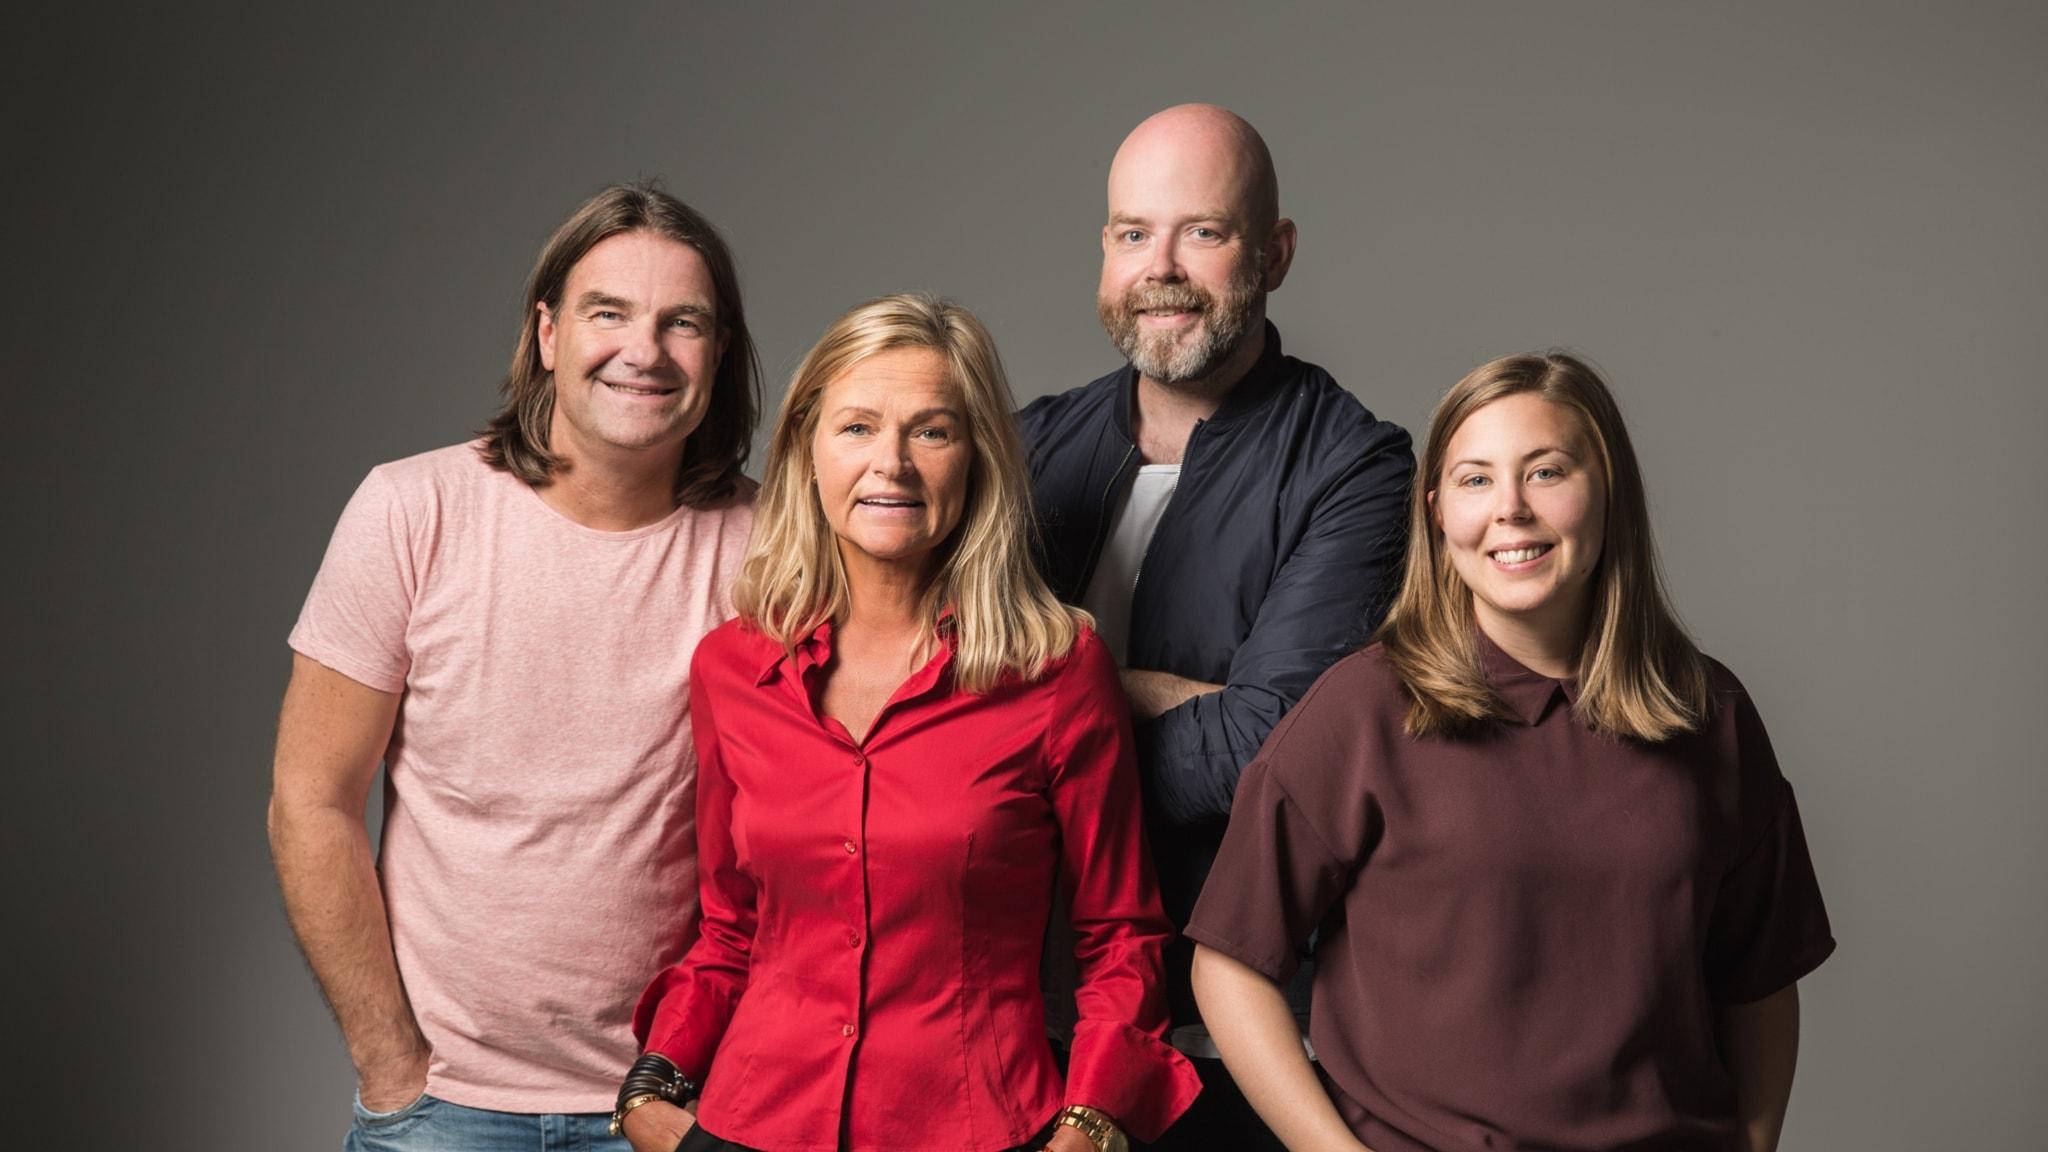 Med Jocke Wallgren och Anna-Stina Stenbäck